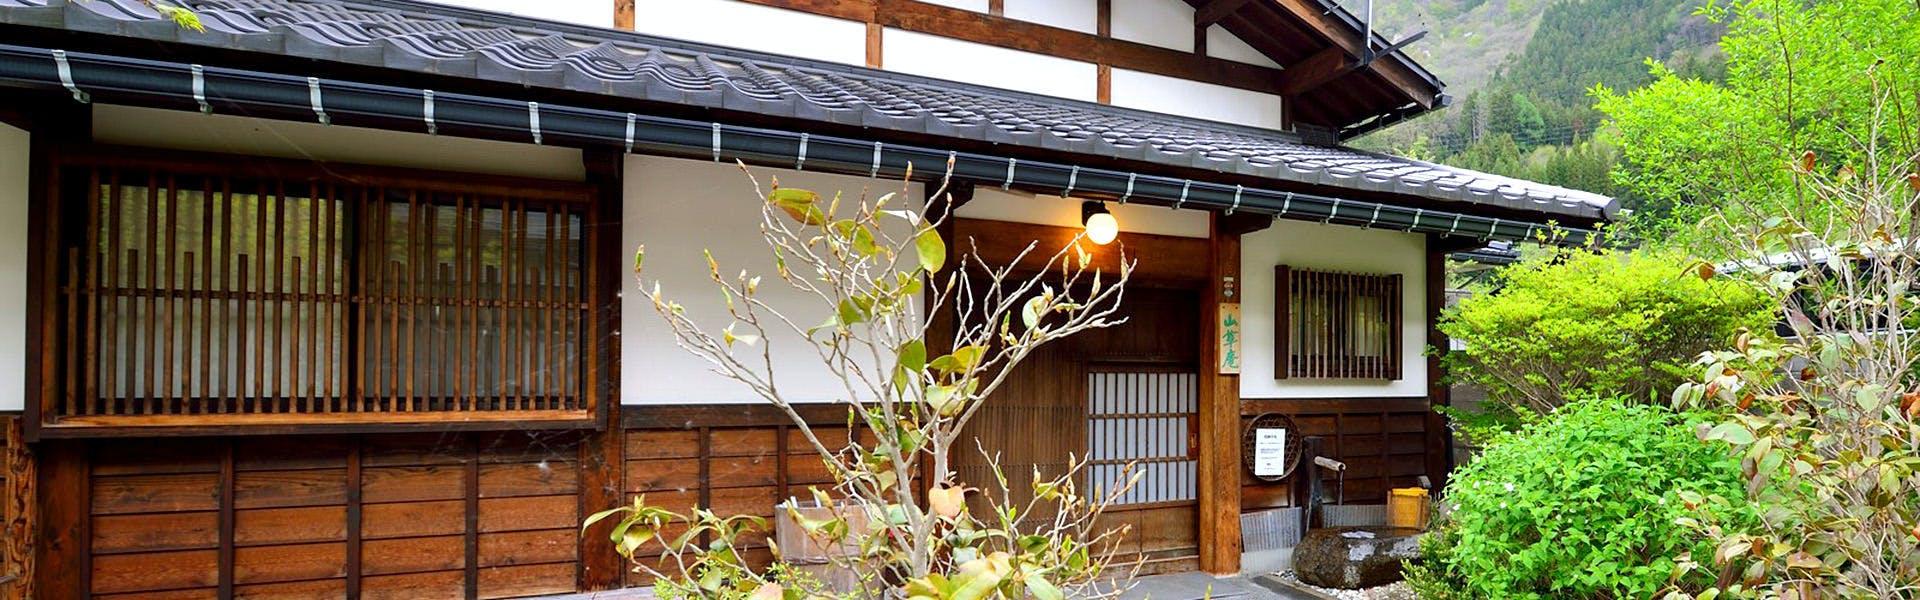 記念日におすすめのホテル・料理旅館 奥飛騨山草庵 饗家(きょうや)の写真1